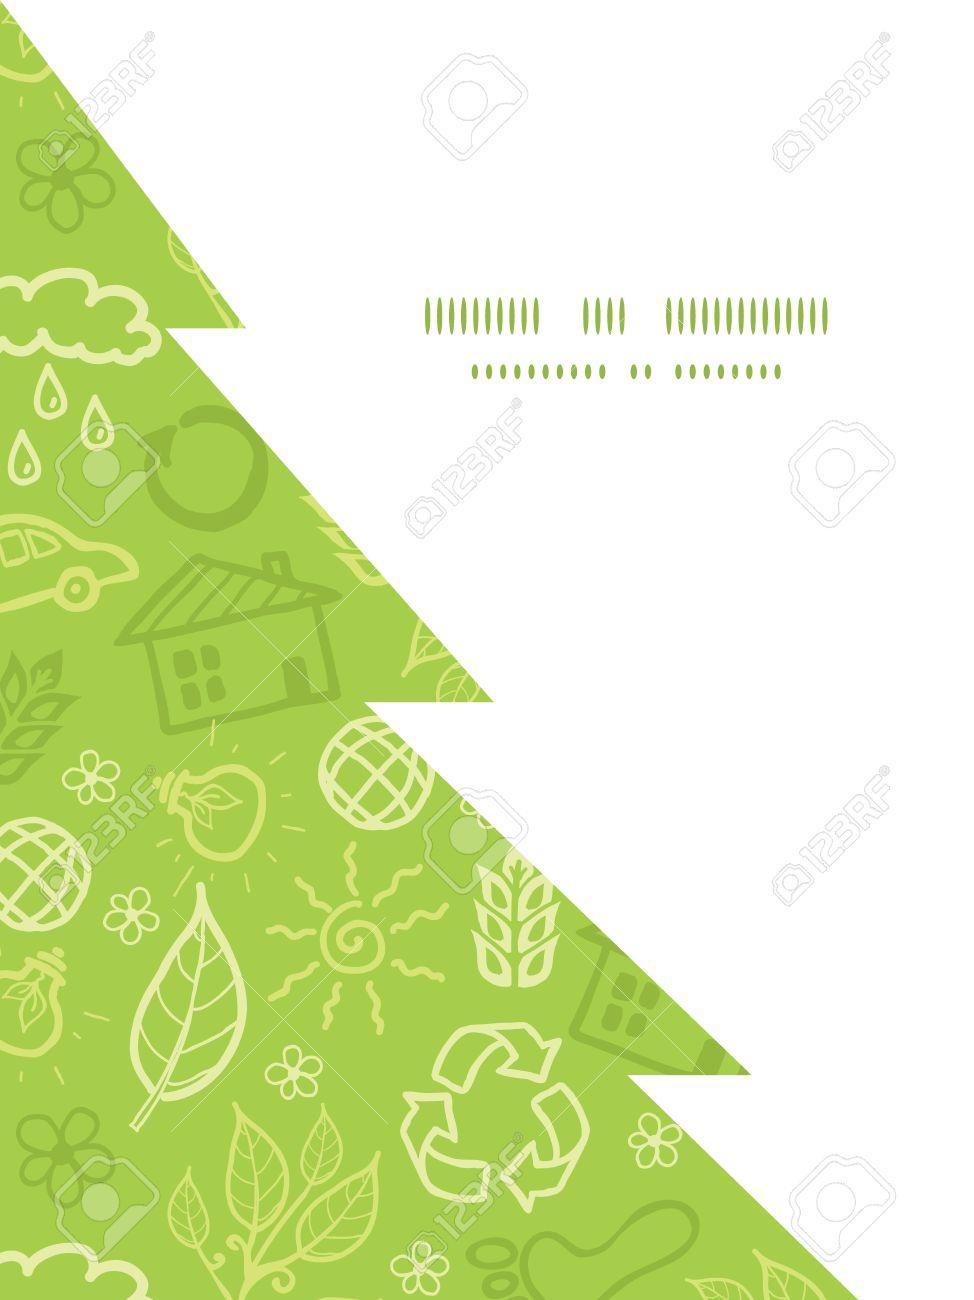 Lujo Plantillas De Tarjetas De Navidad Psd Motivo - Ejemplo De ...